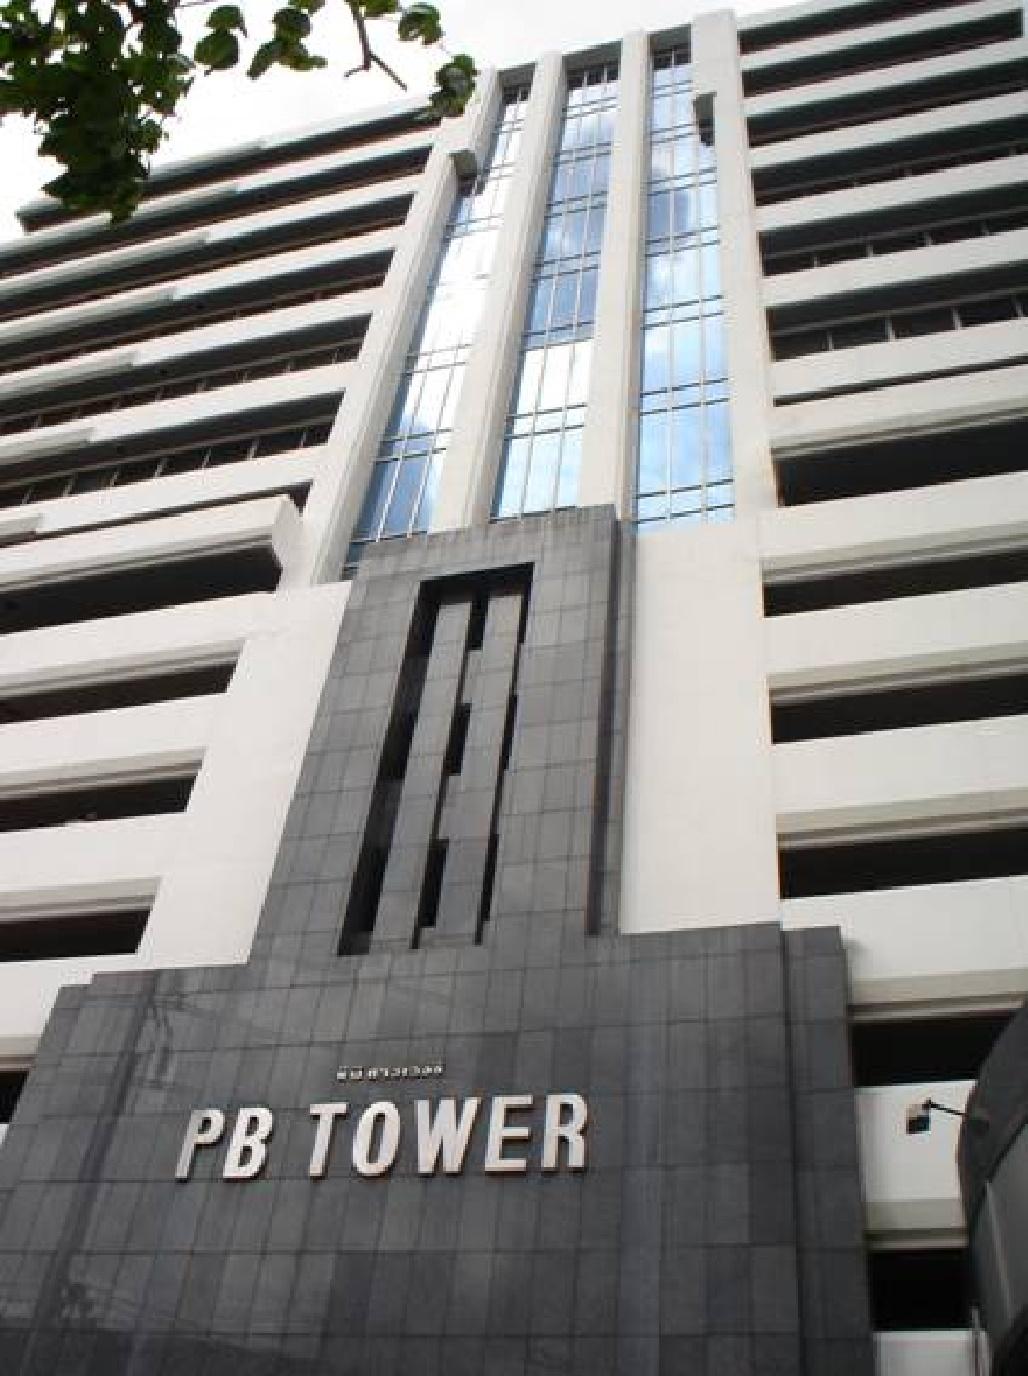 PB Tower